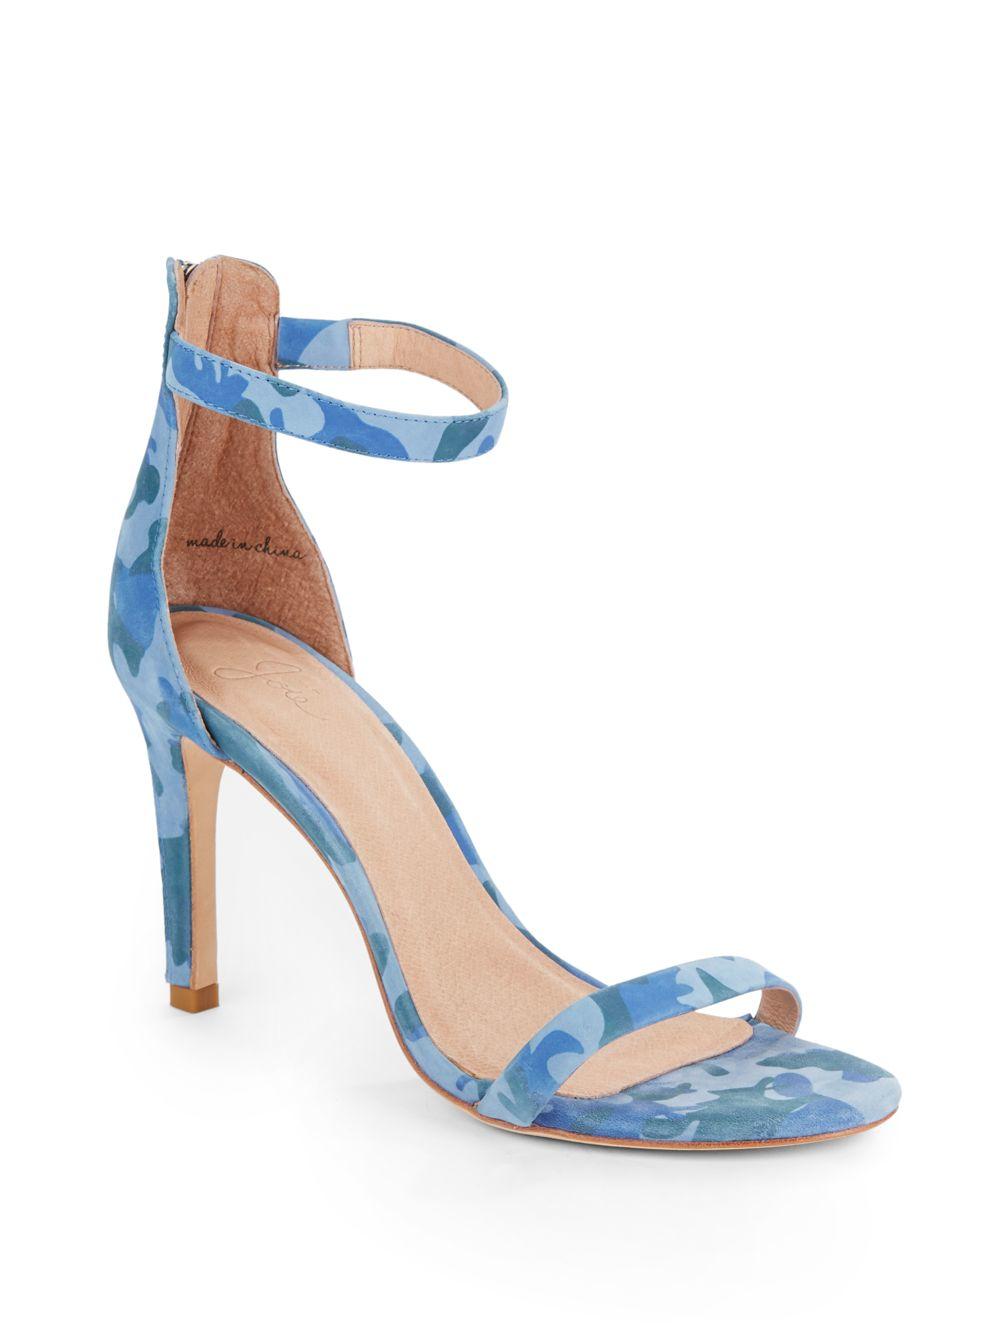 d4e8275de04d Lyst - Joie Abbott Camouflage-print Suede Sandals in Blue